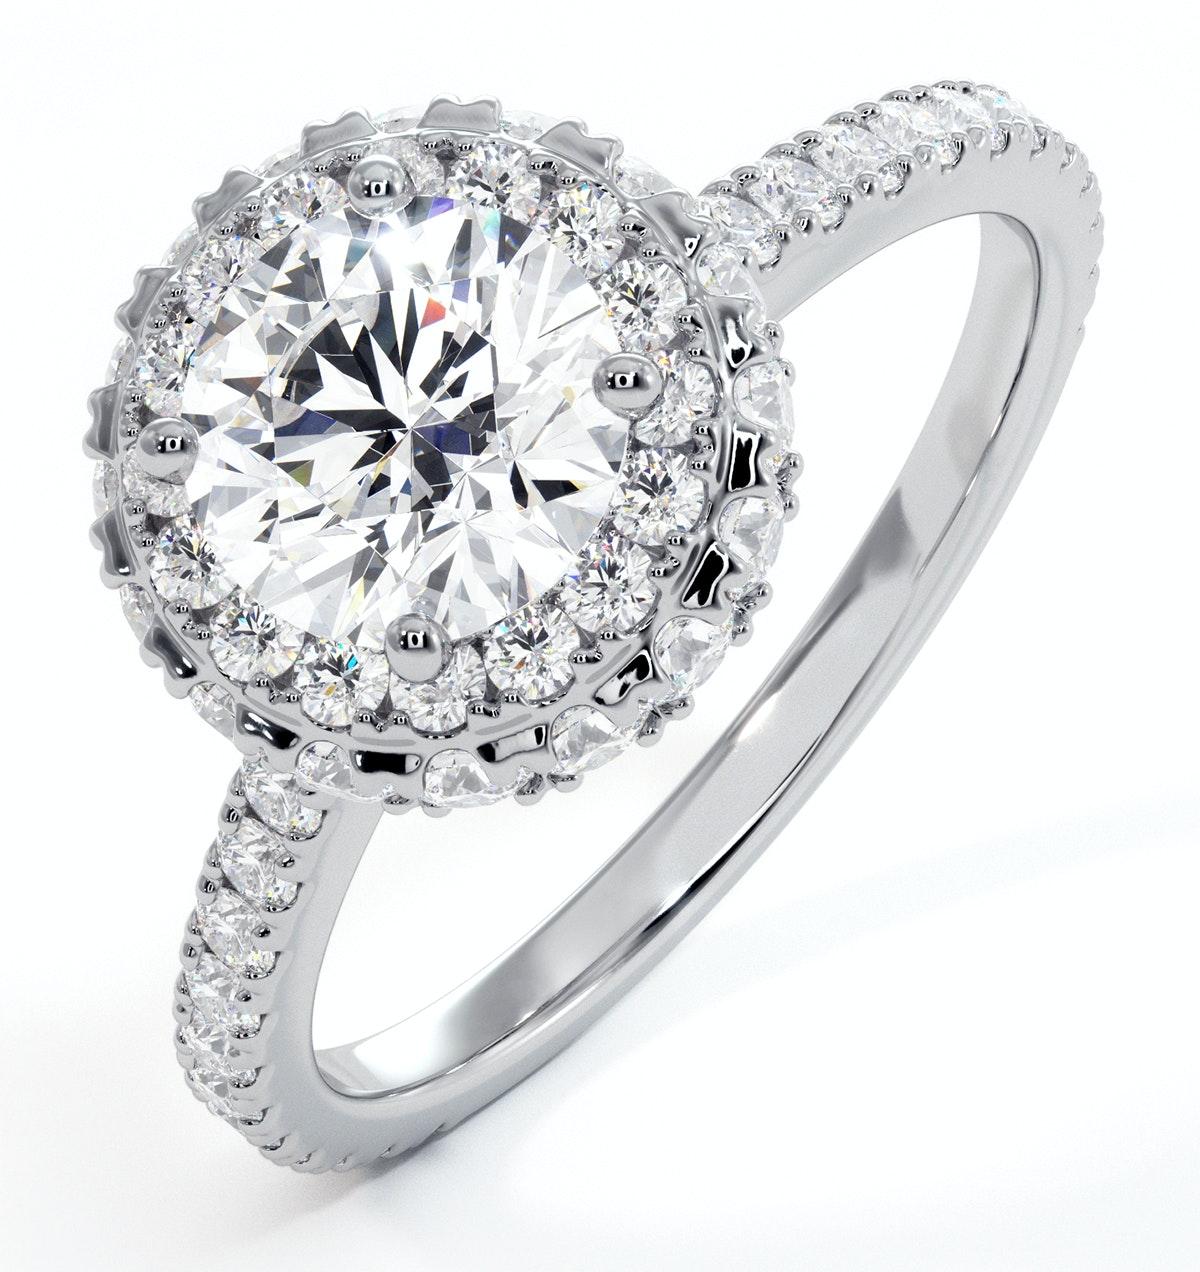 Valerie GIA Diamond Halo Engagement Ring 18K White Gold 1.80ct G/VS1